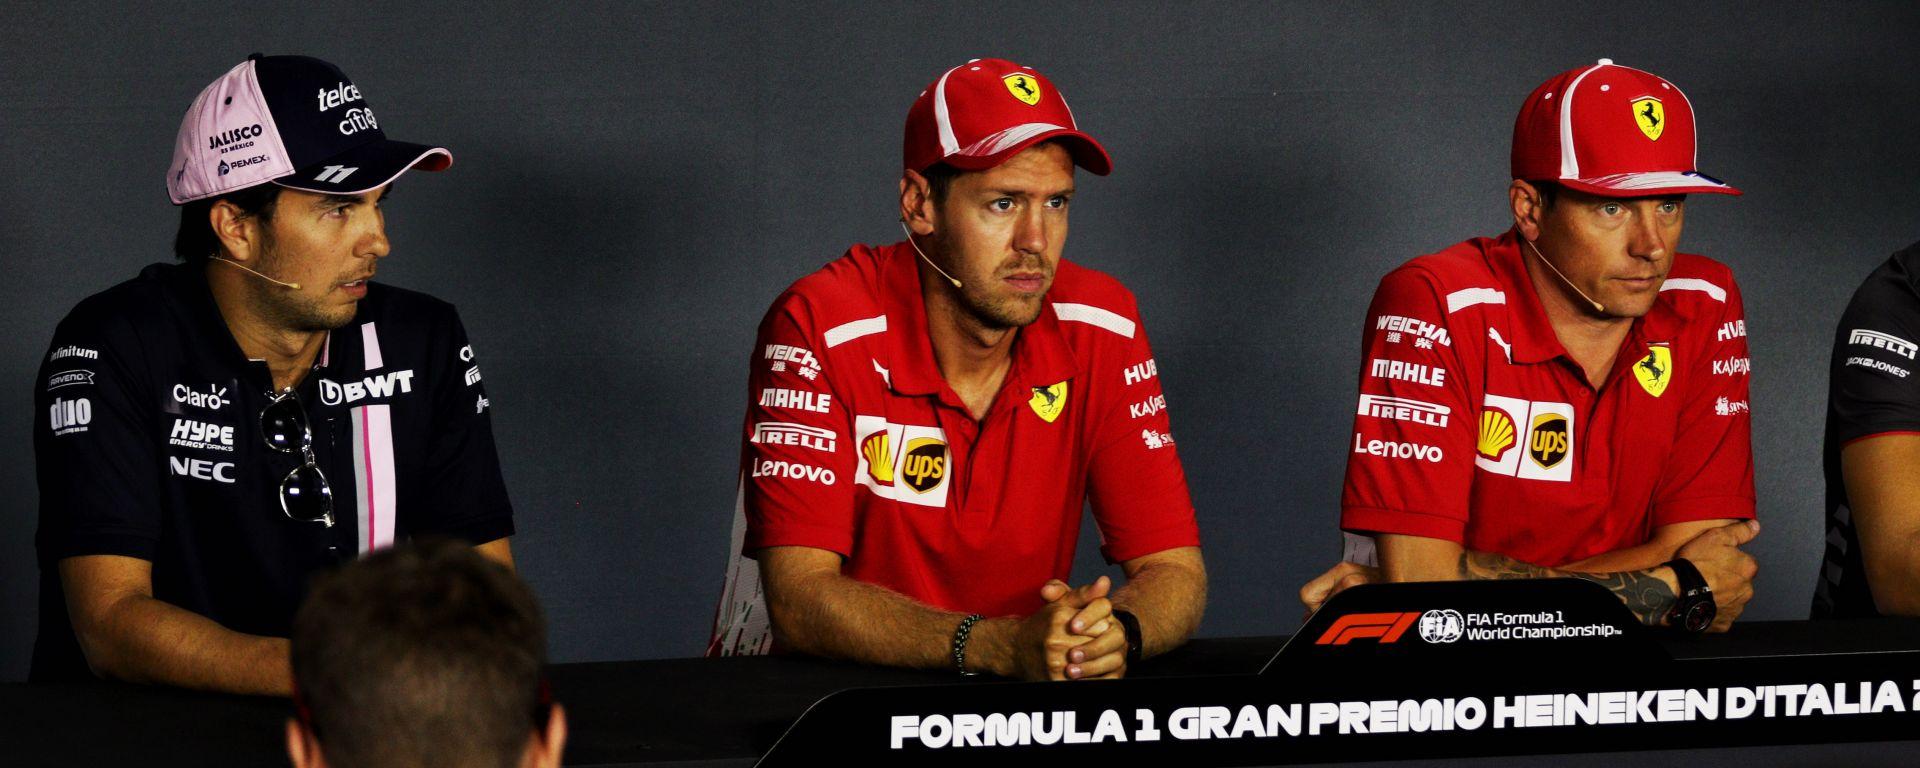 F1: Sergio Perez (Racing Point) con Sebastian Vettel e Kimi Raikkonen quando erano compagni di squadra in Ferrari